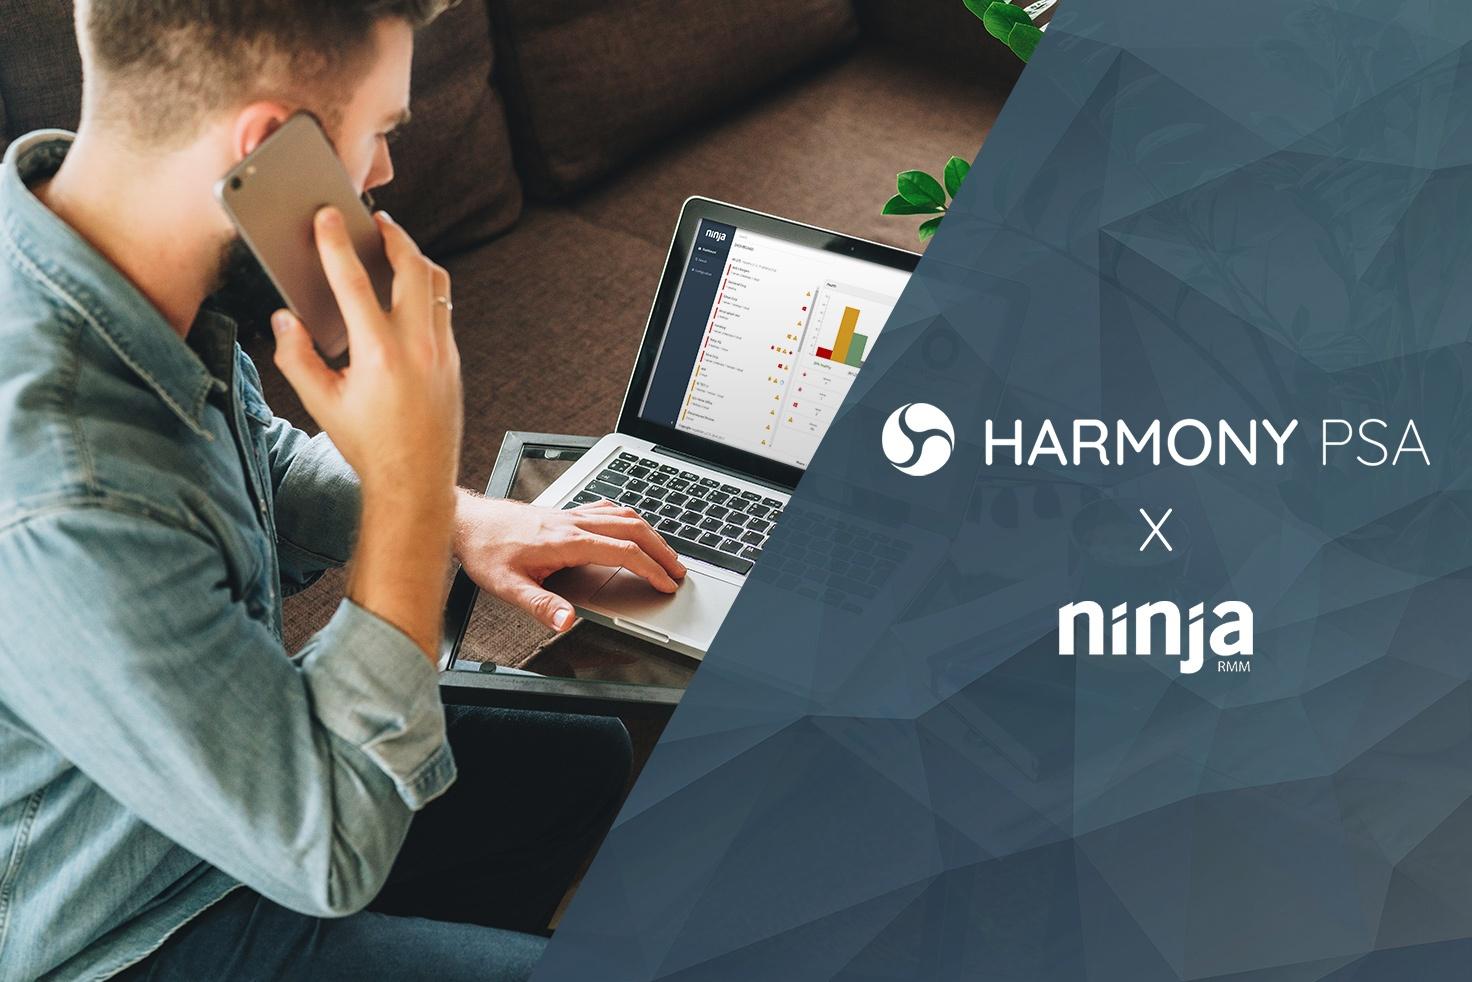 NinjaRMMxHarmony-Post